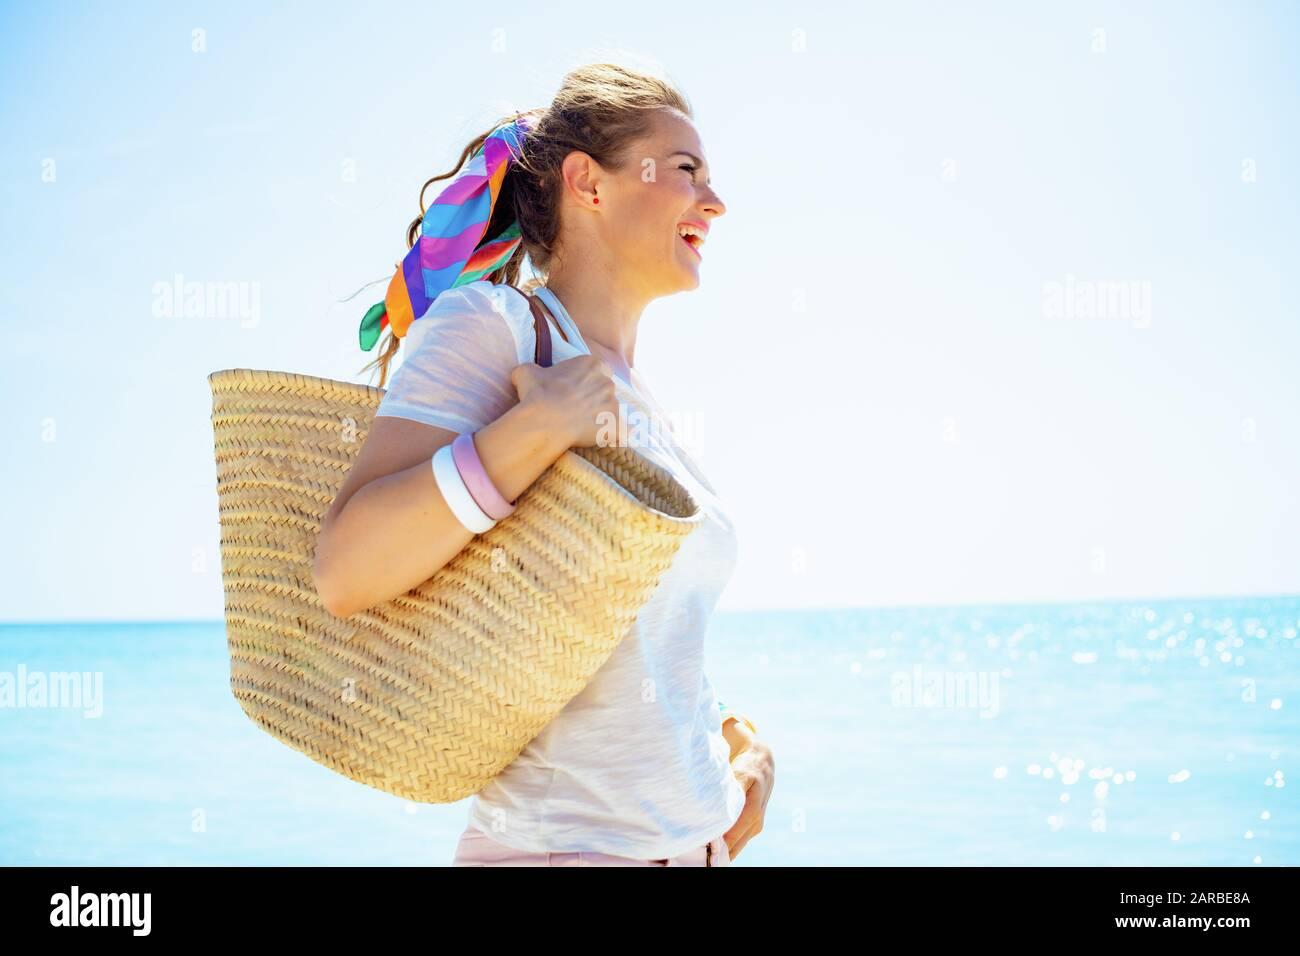 heureuse jeune femme dans un t-shirt blanc avec sac de paille de plage donnant sur la distance sur la rive de l'océan. Banque D'Images